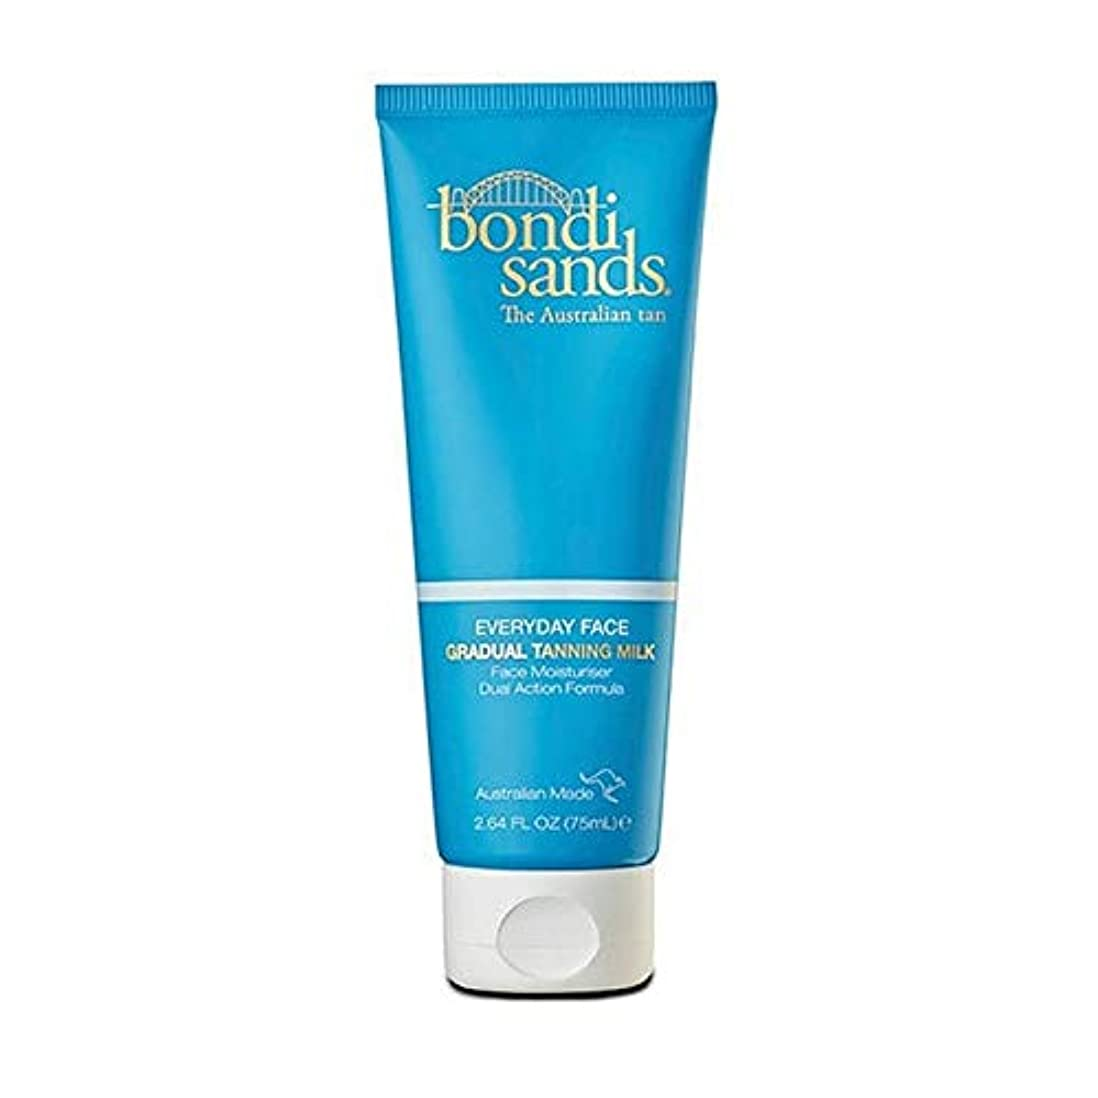 純正治療口[Bondi Sands ] 日常ボンダイ砂 - 顔のための段階的な日焼けミルク - 75ミリリットル - Bondi Sands Everyday - Gradual Tanning Milk for Face - 75ml...